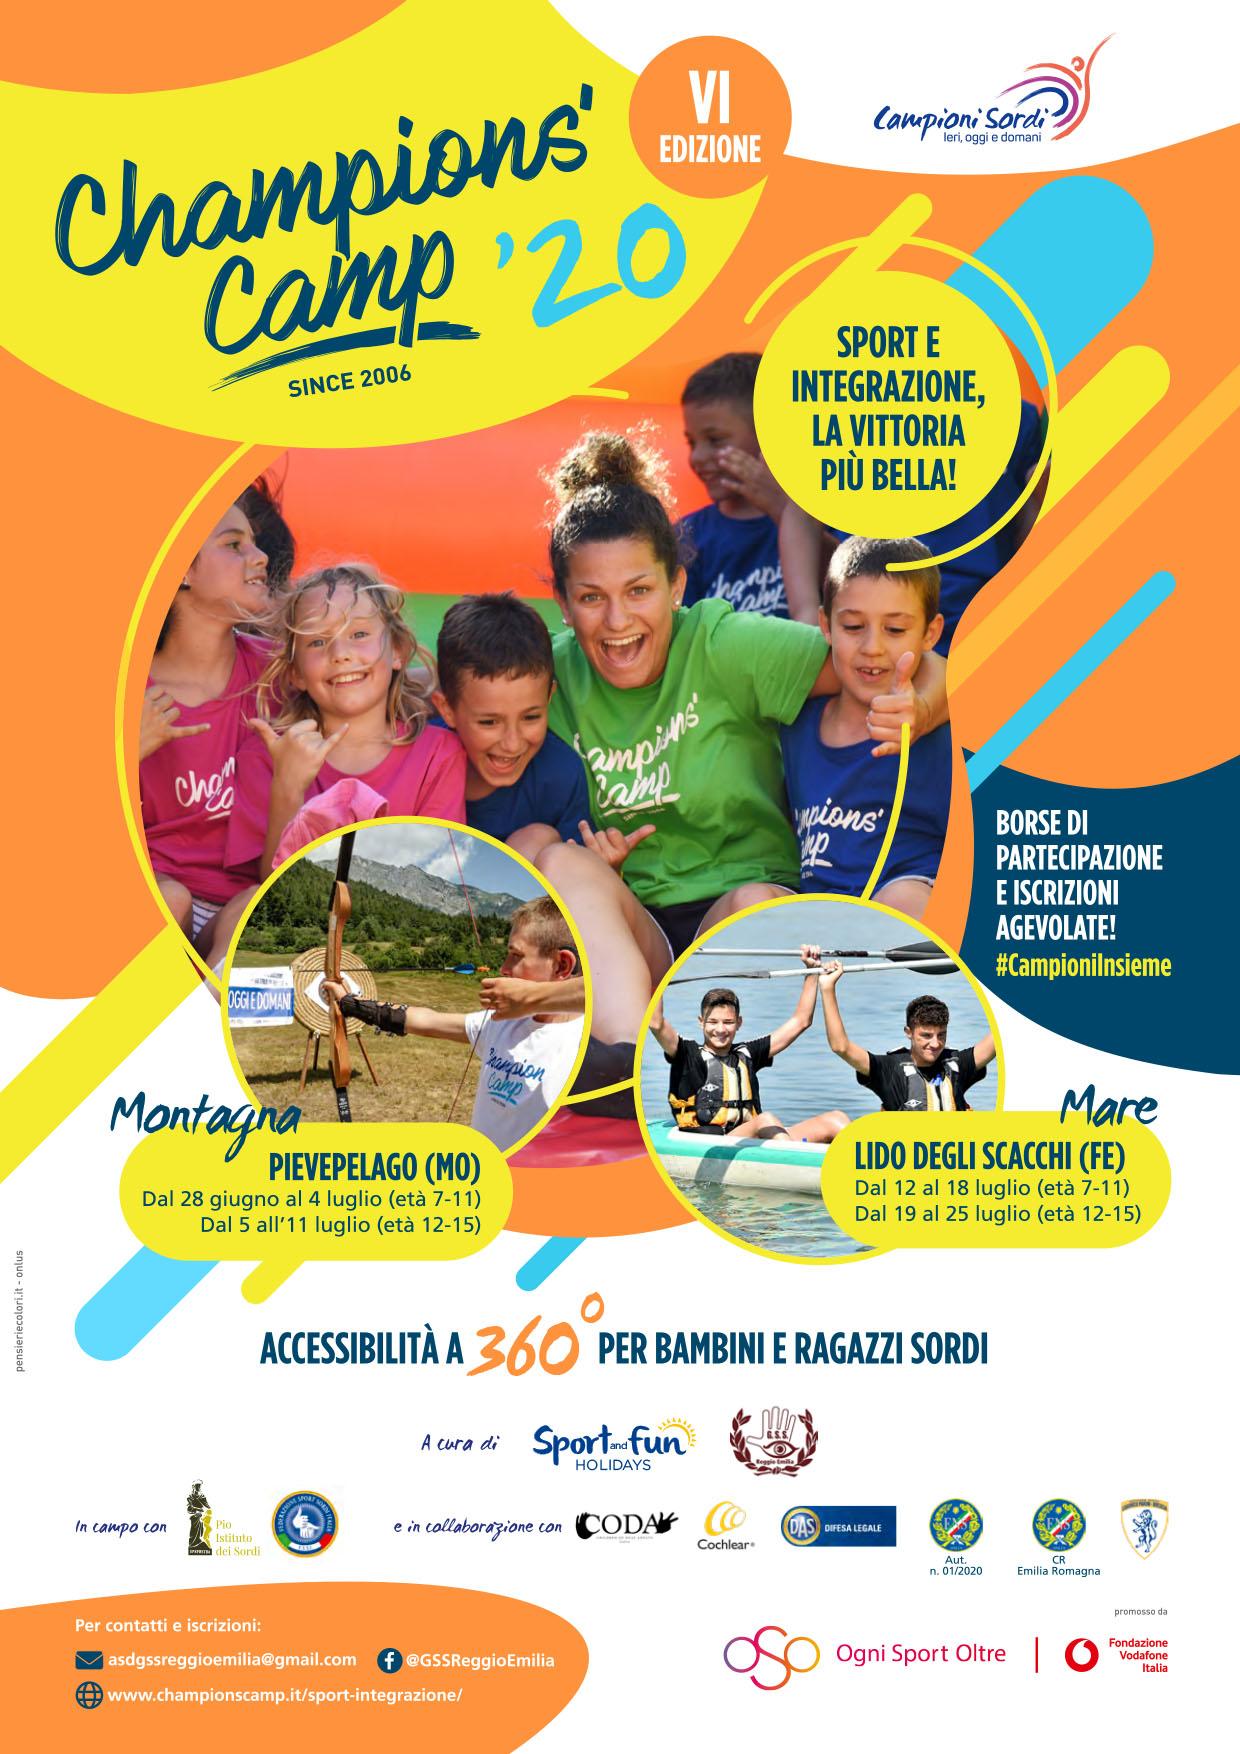 28 Giugno – 4 Luglio e 5-11 Luglio, Pievepelago (MO). Champions Camp, sport e integrazione: la vittoria più bella